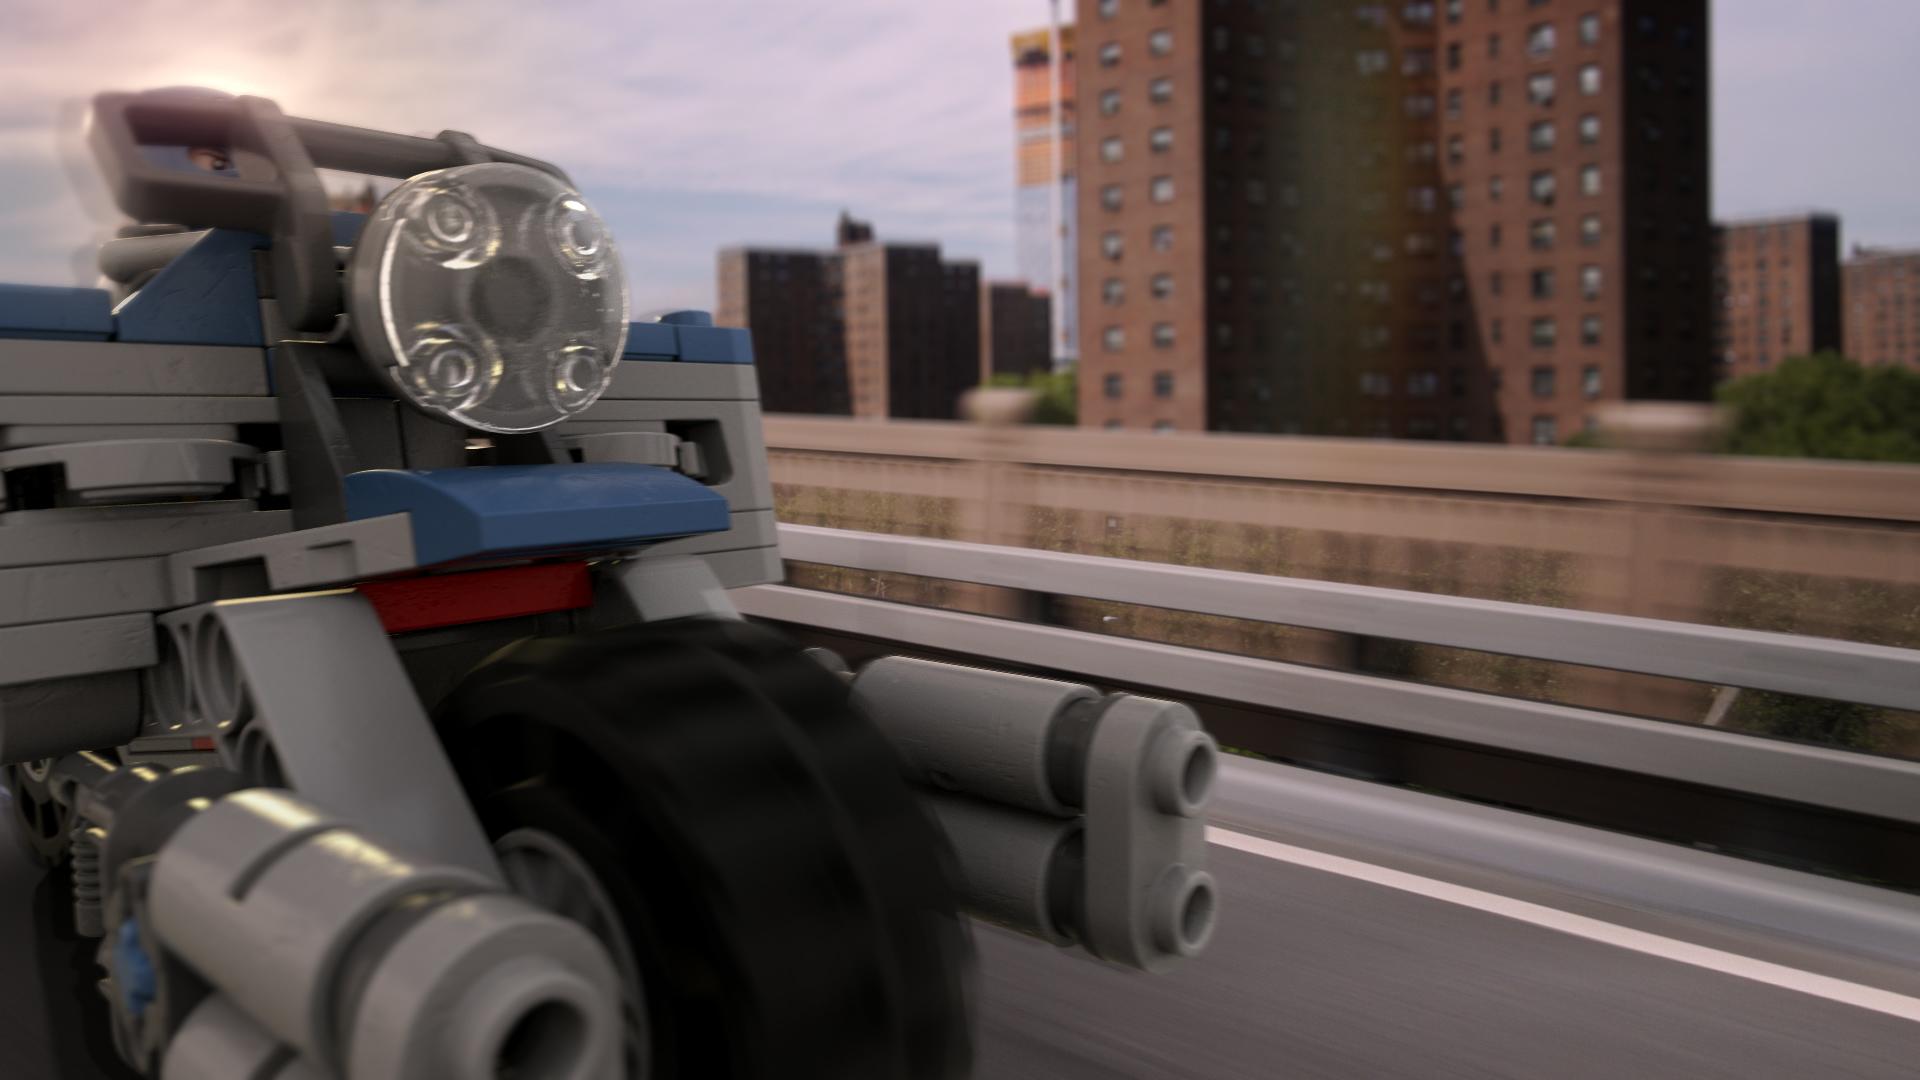 LEGO_SH_Avengers_Cinema_TVC_16_9_1HY19_IN_IT_30s_58107.mov.00_00_06_03.Still001